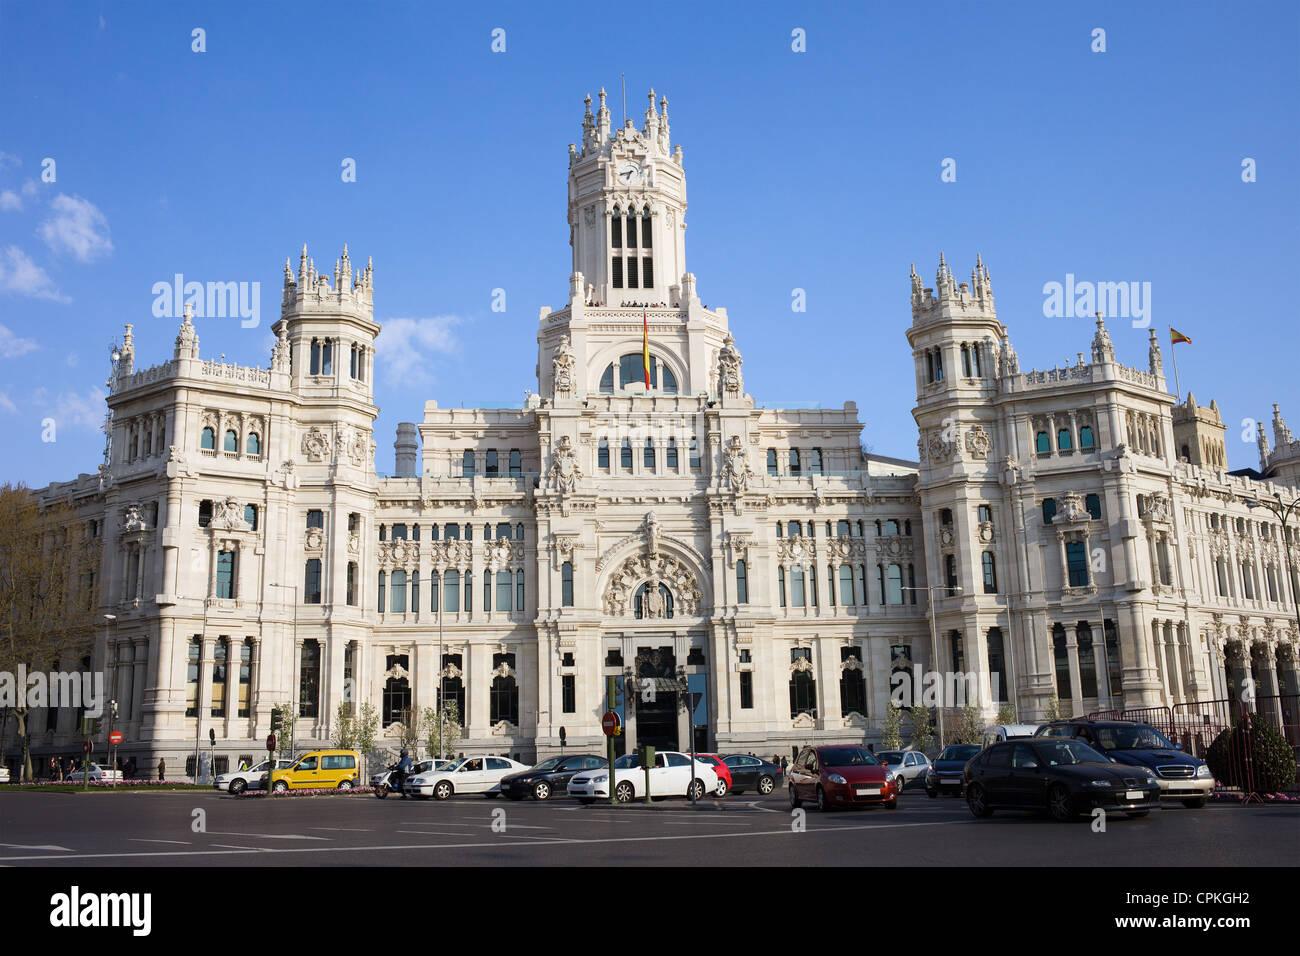 Palacio De Comunicaciones At Plaza De Cibeles In The City Of